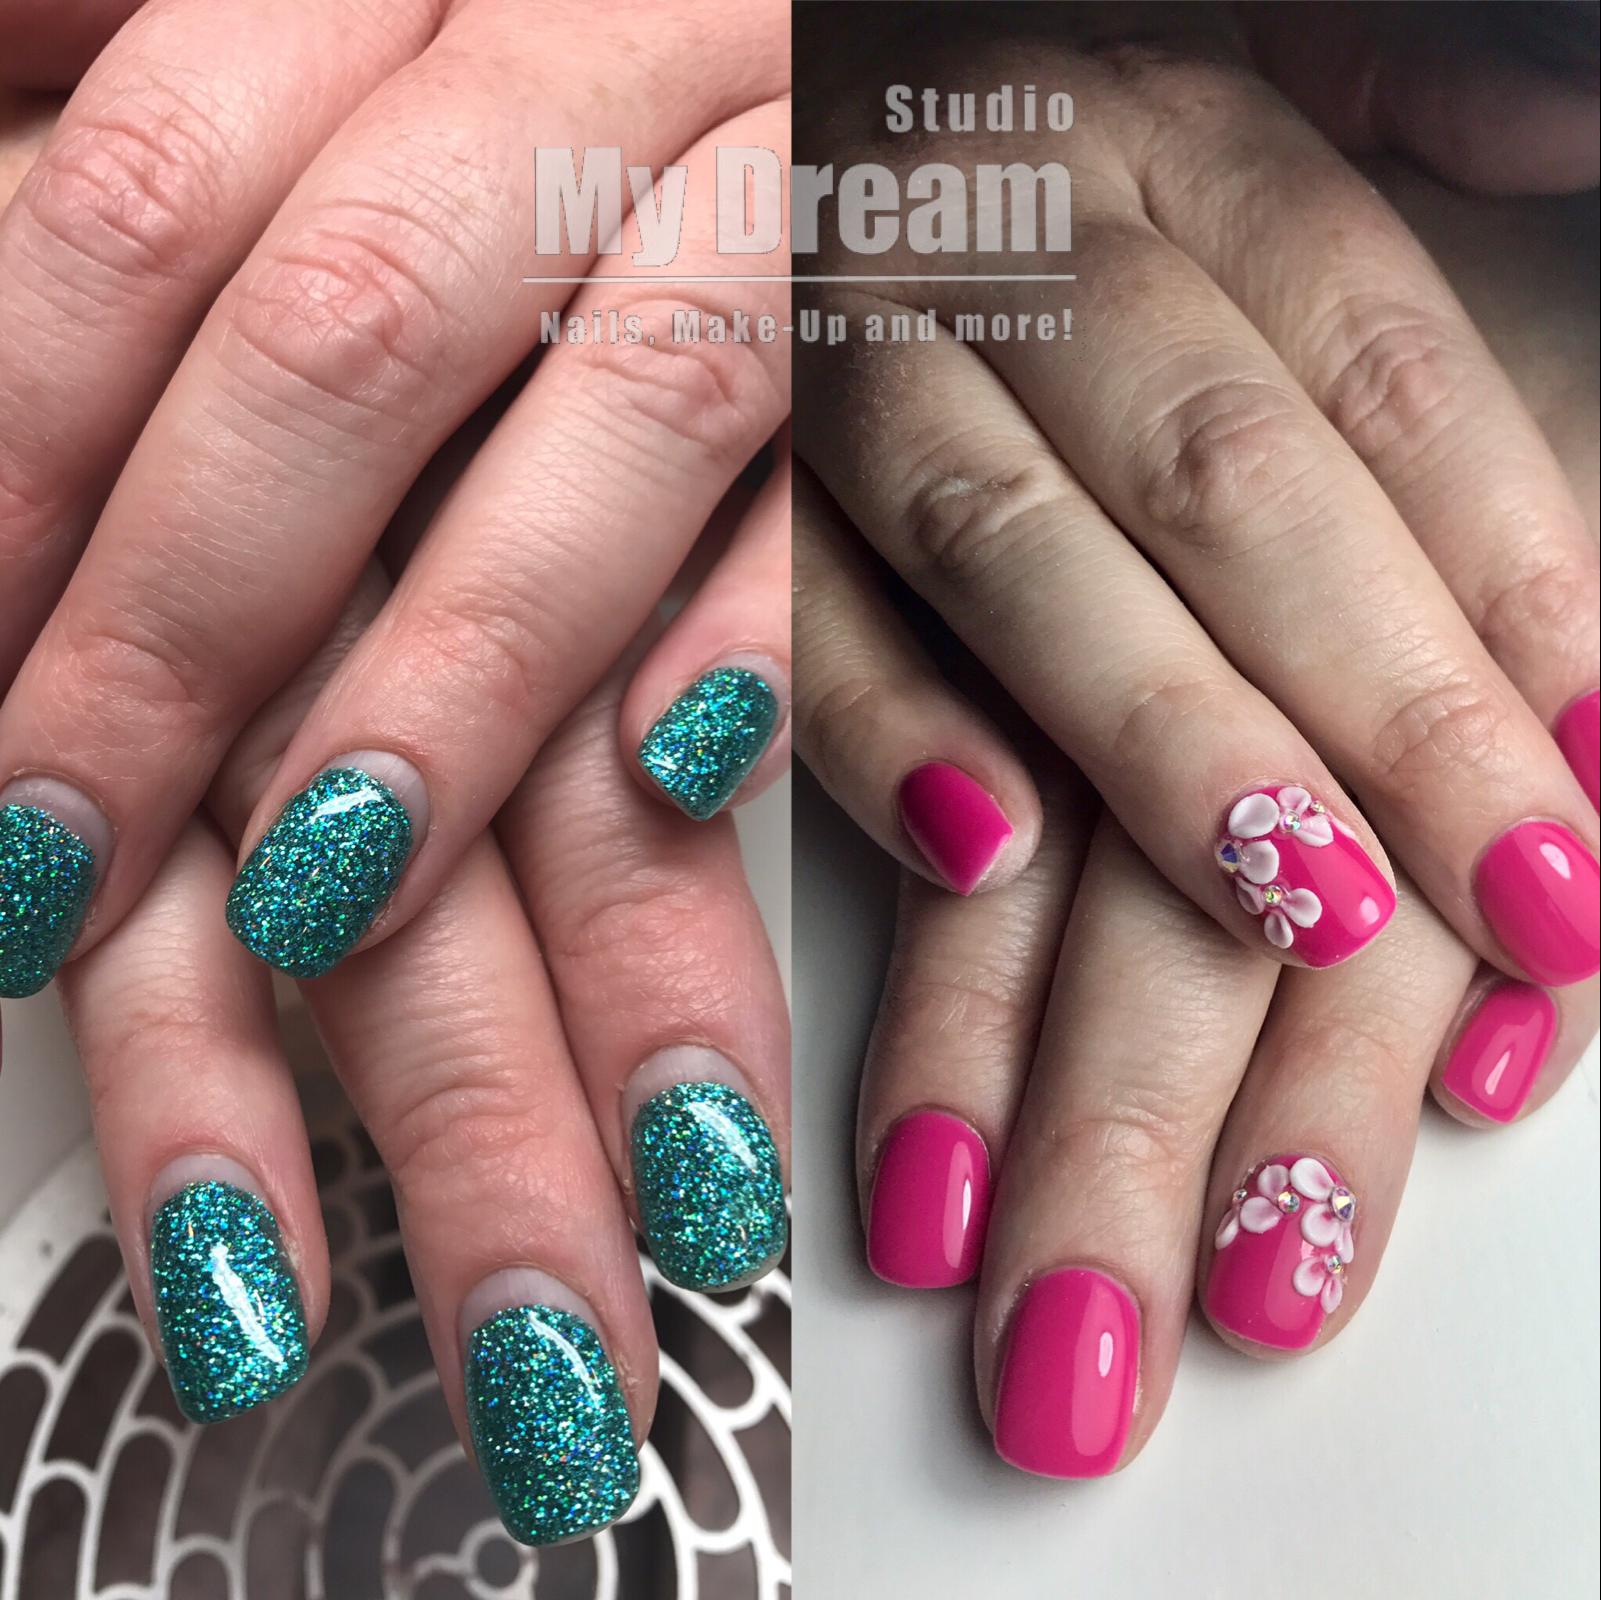 nagels #nails #kunstnagels #gelnagels #acrylnagels #nijkerk ...